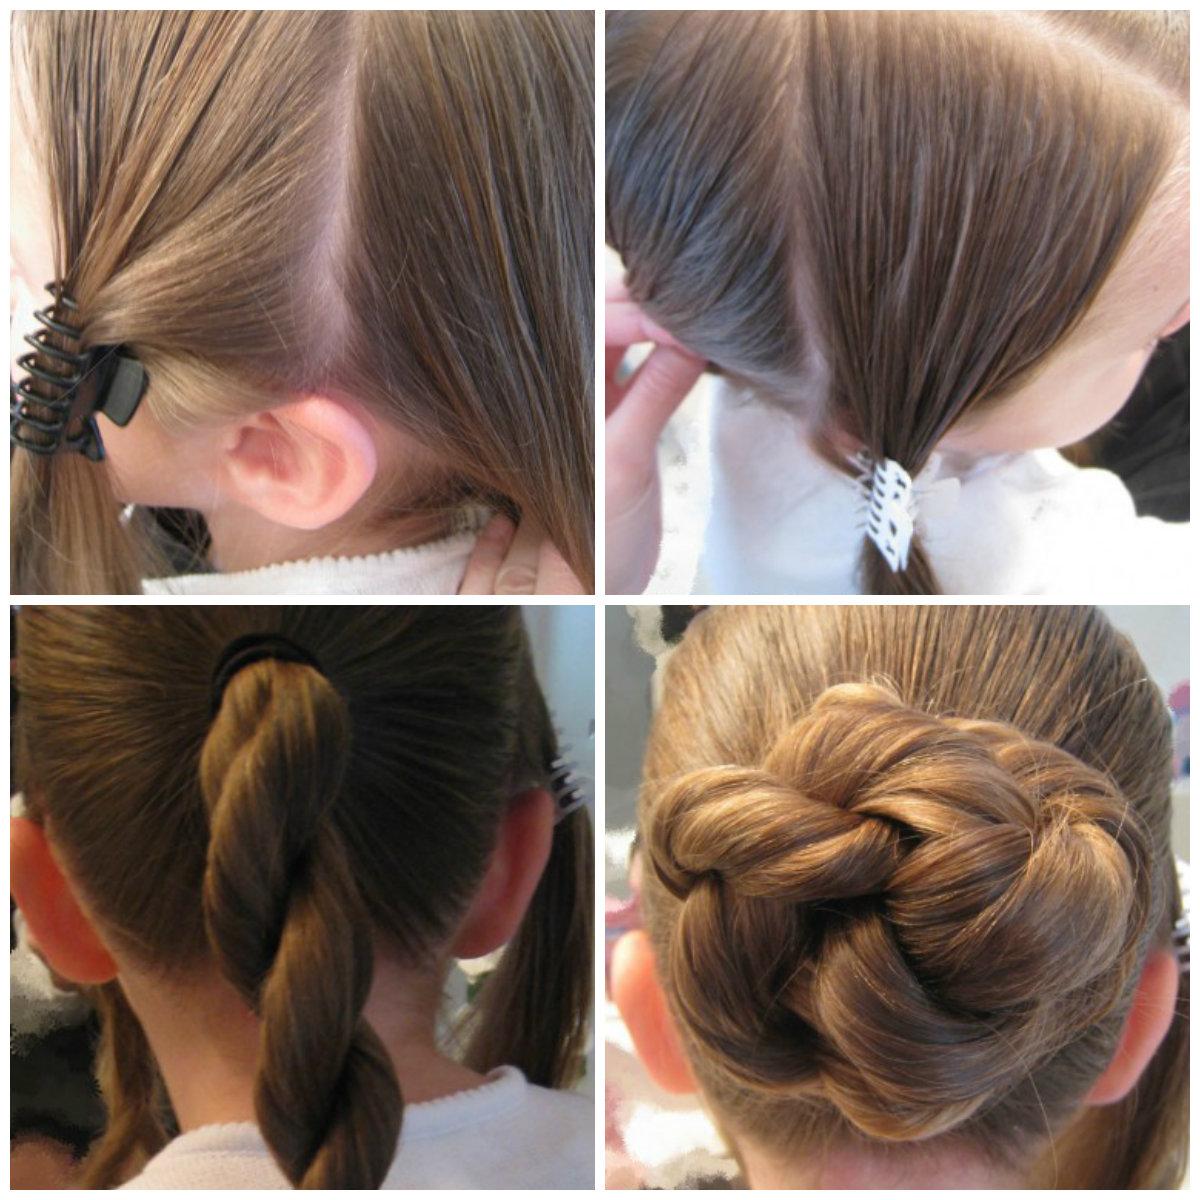 Как сделать бант из волос - пошаговая инструкция 17